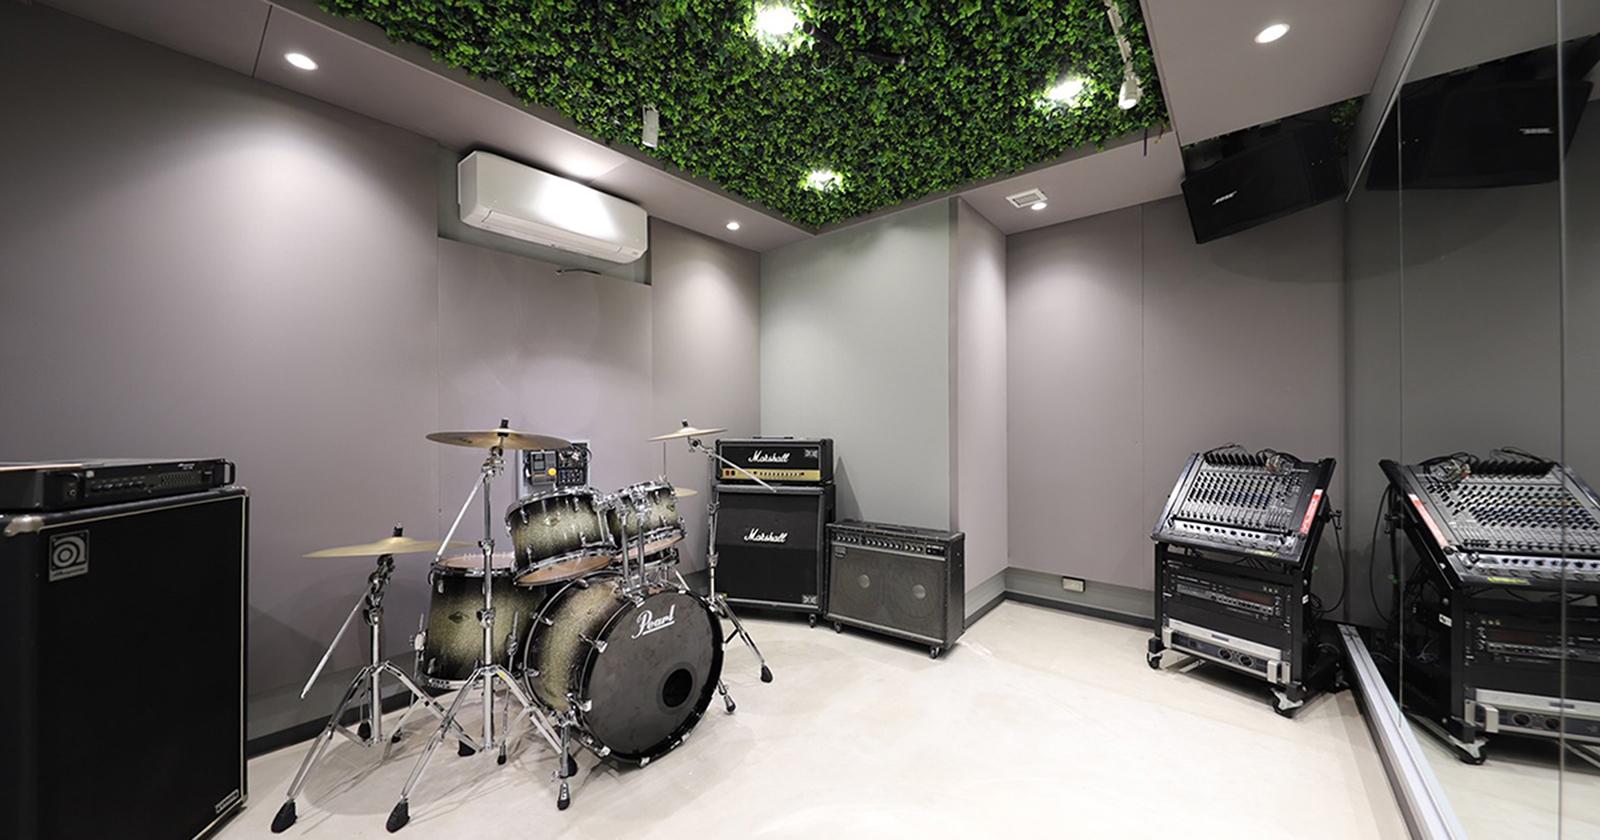 【渋谷1号店】3スタジオがリニューアルオープン!E2st、B5st、A5st